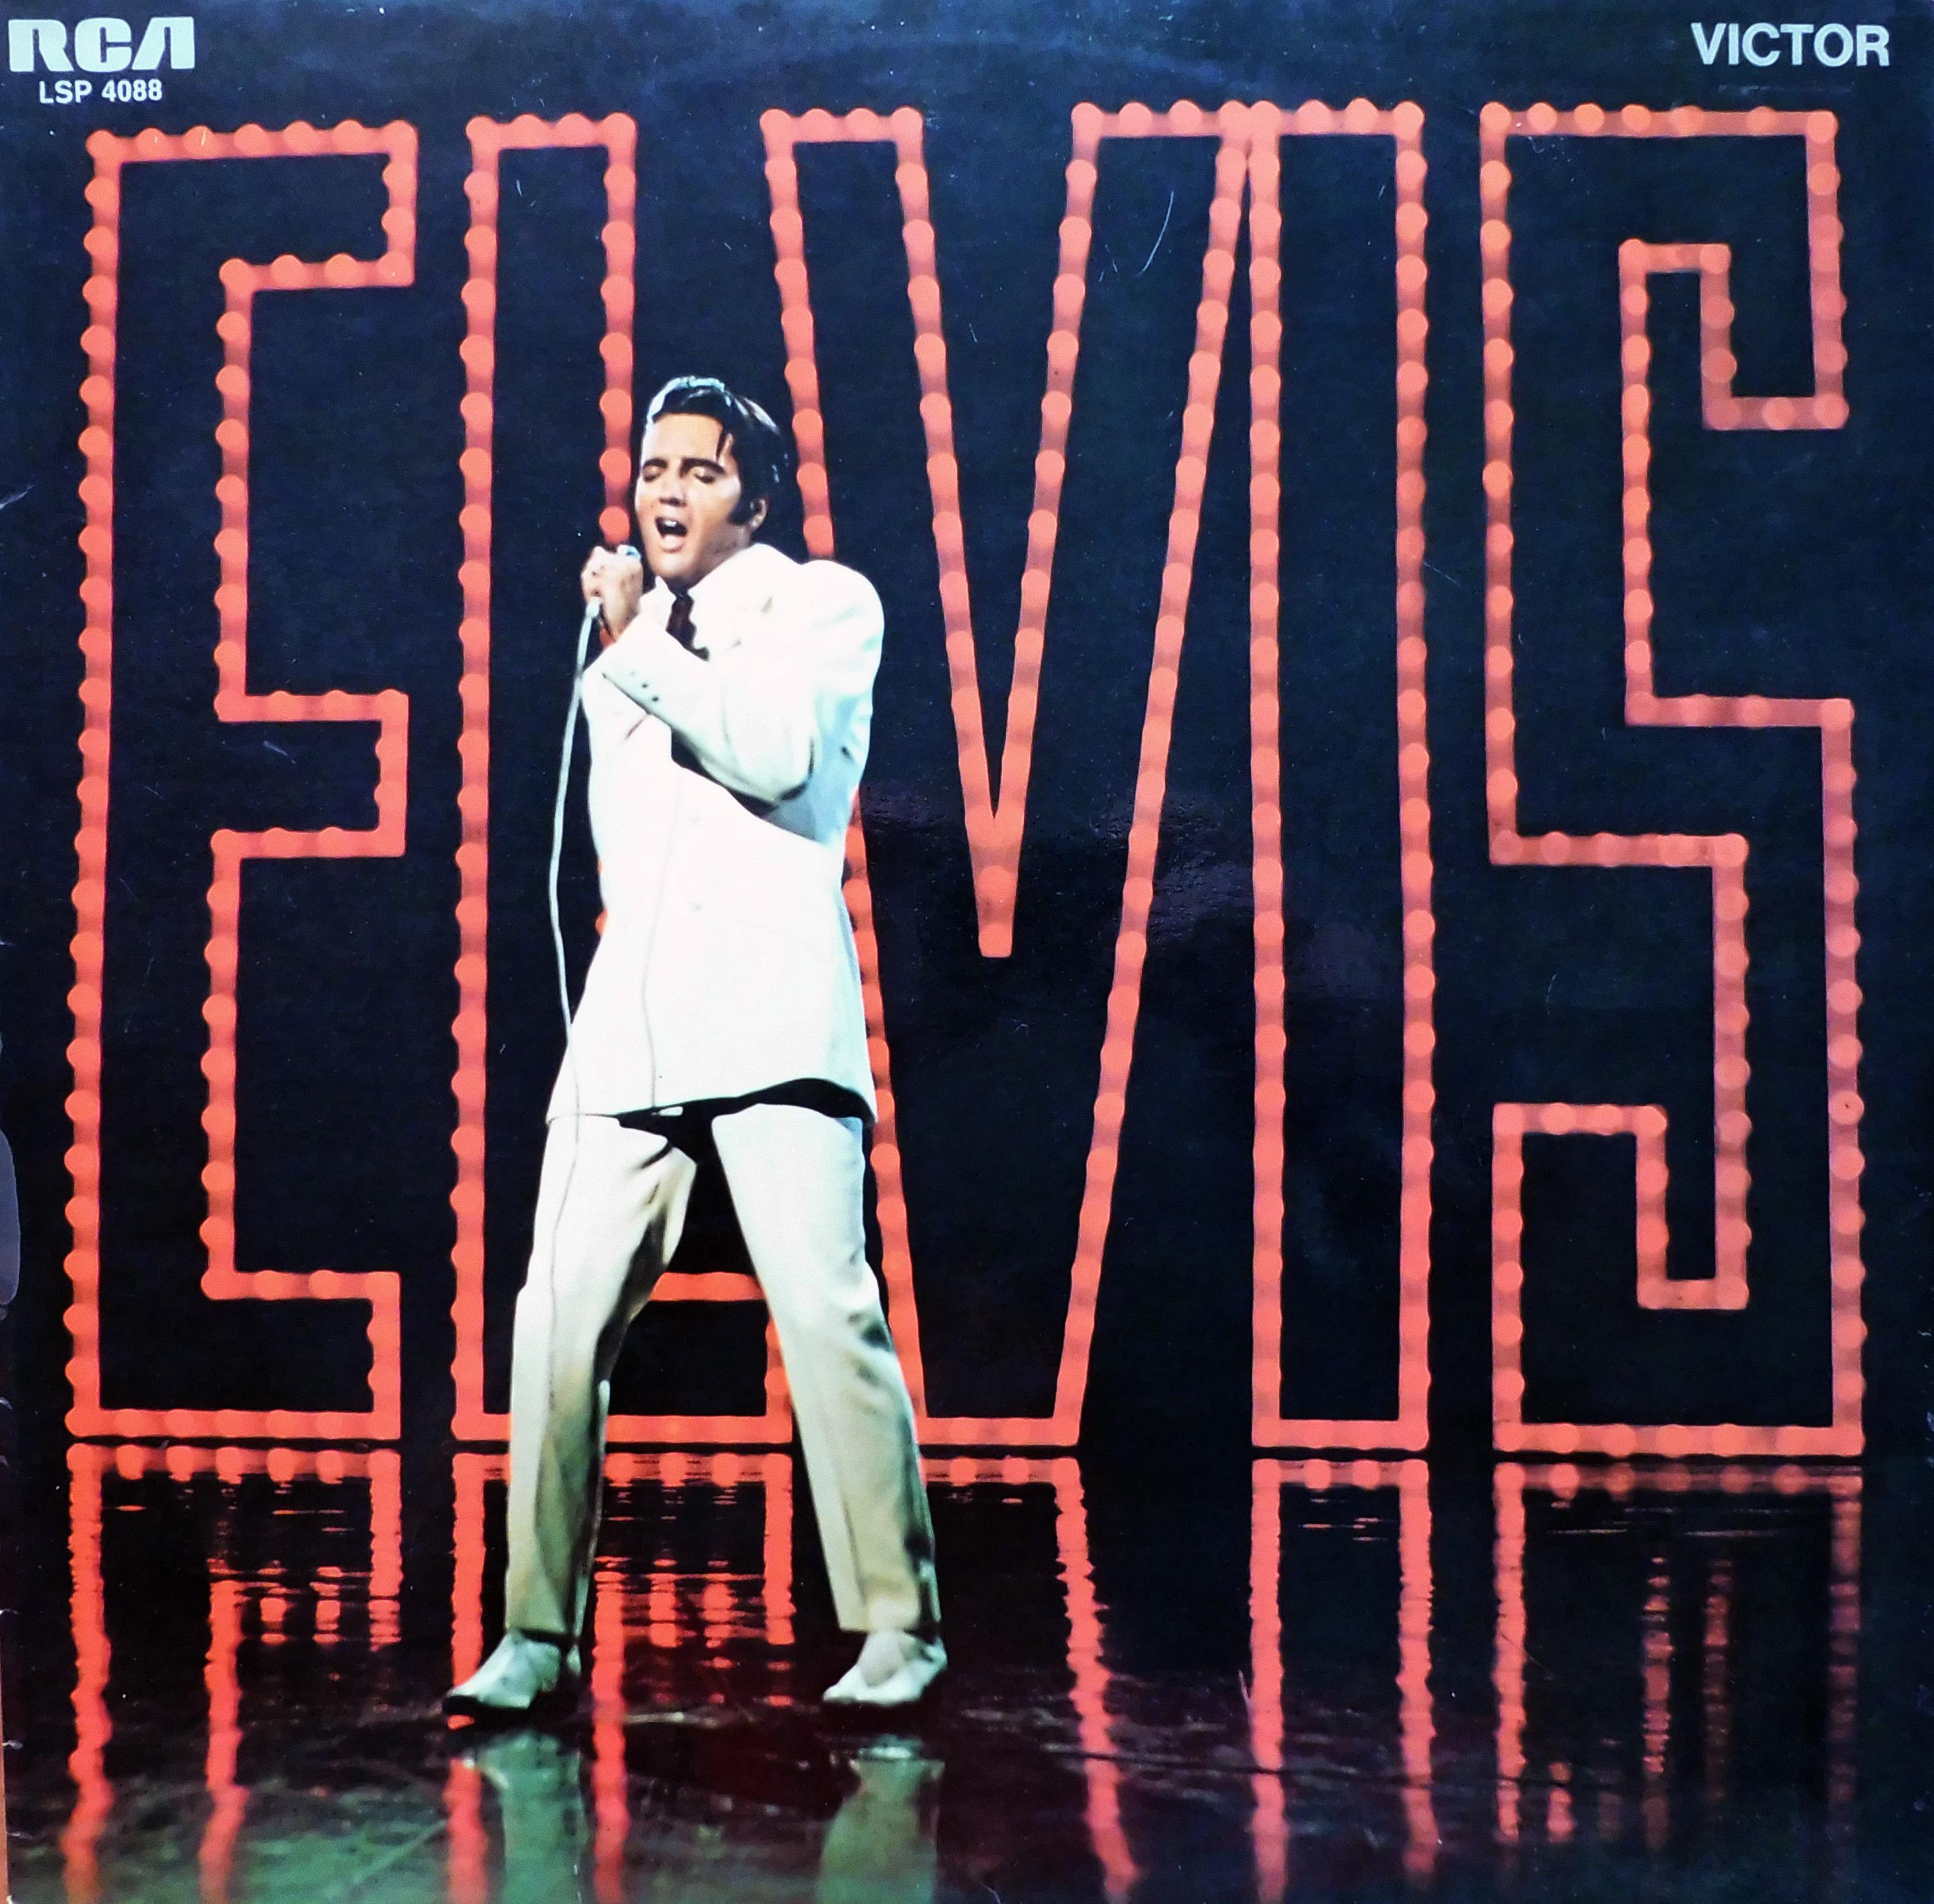 ELVIS (NBC) TV Special Nbc71frontj5iz9